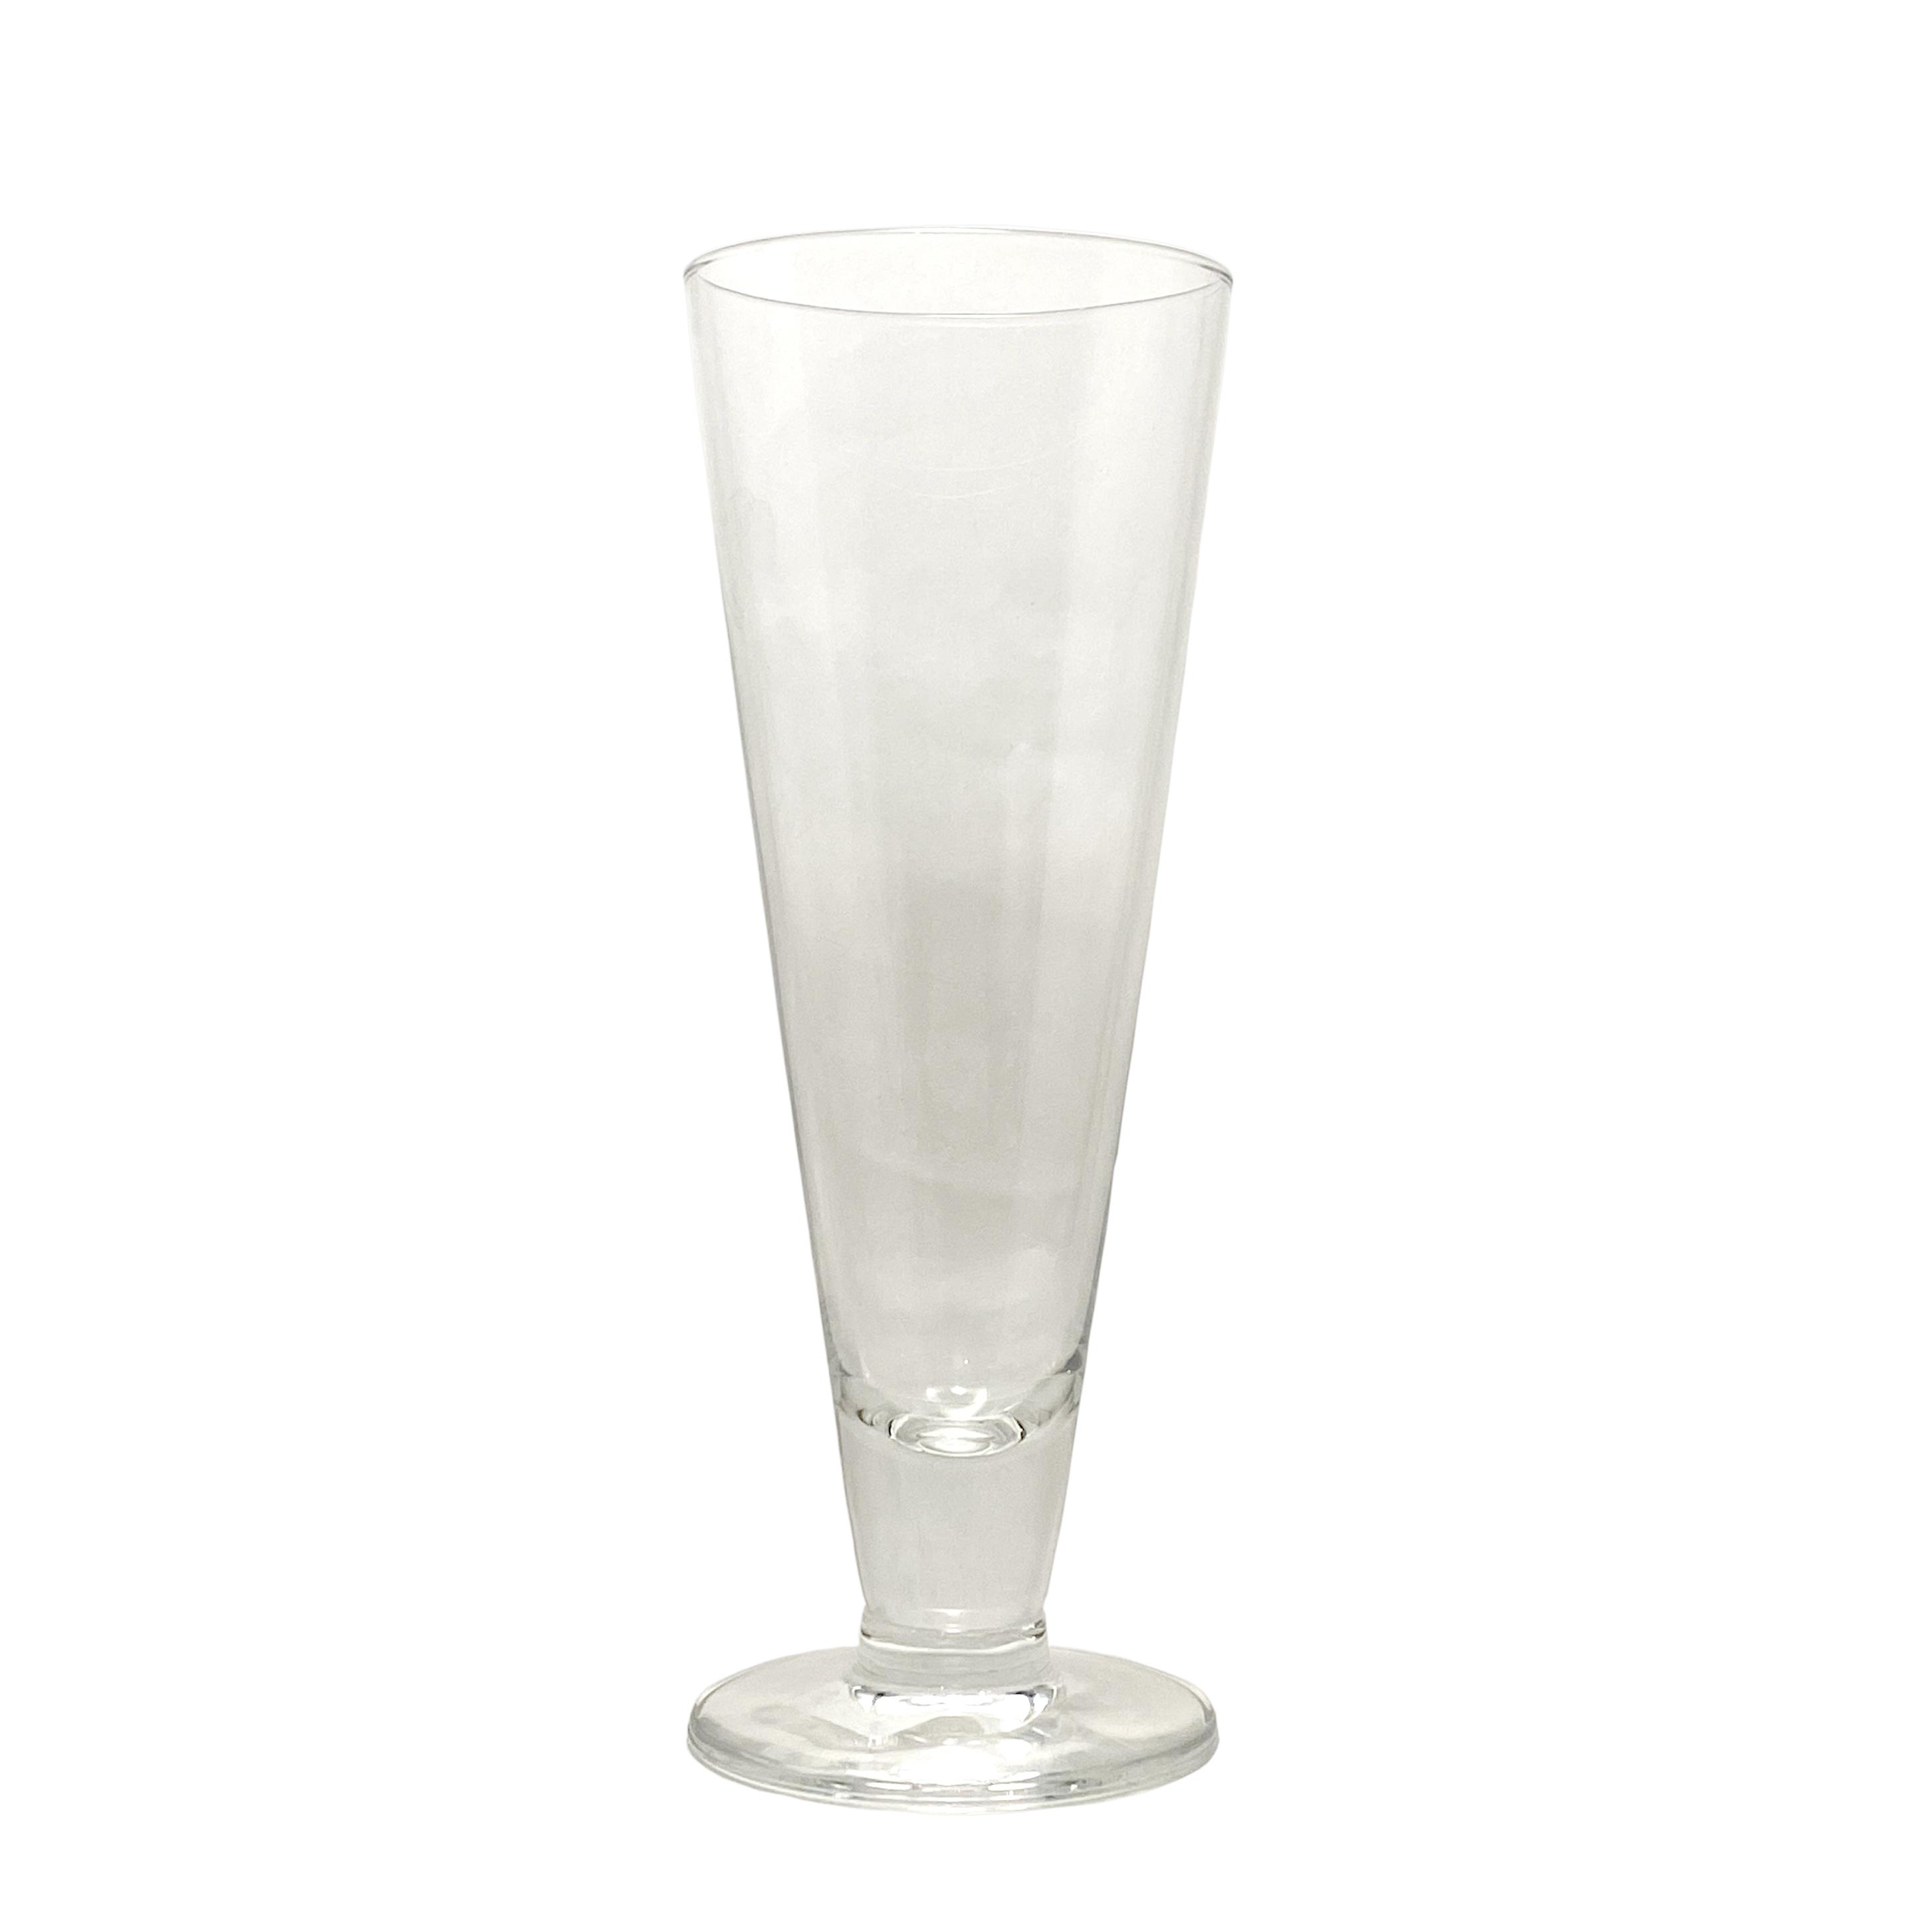 アデリア ADERIA H AX ドレッシー 300 6個セットカフェグラス パフェグラス 安売り デザート カクテル 日本製 グラス ガラス食器 ホテル 家庭用 ギフト まとめ買い 業務用食器 機能性 レストラン カフェ 業務用 お買得 ドリンクバー 人気海外一番 ビュッフェ